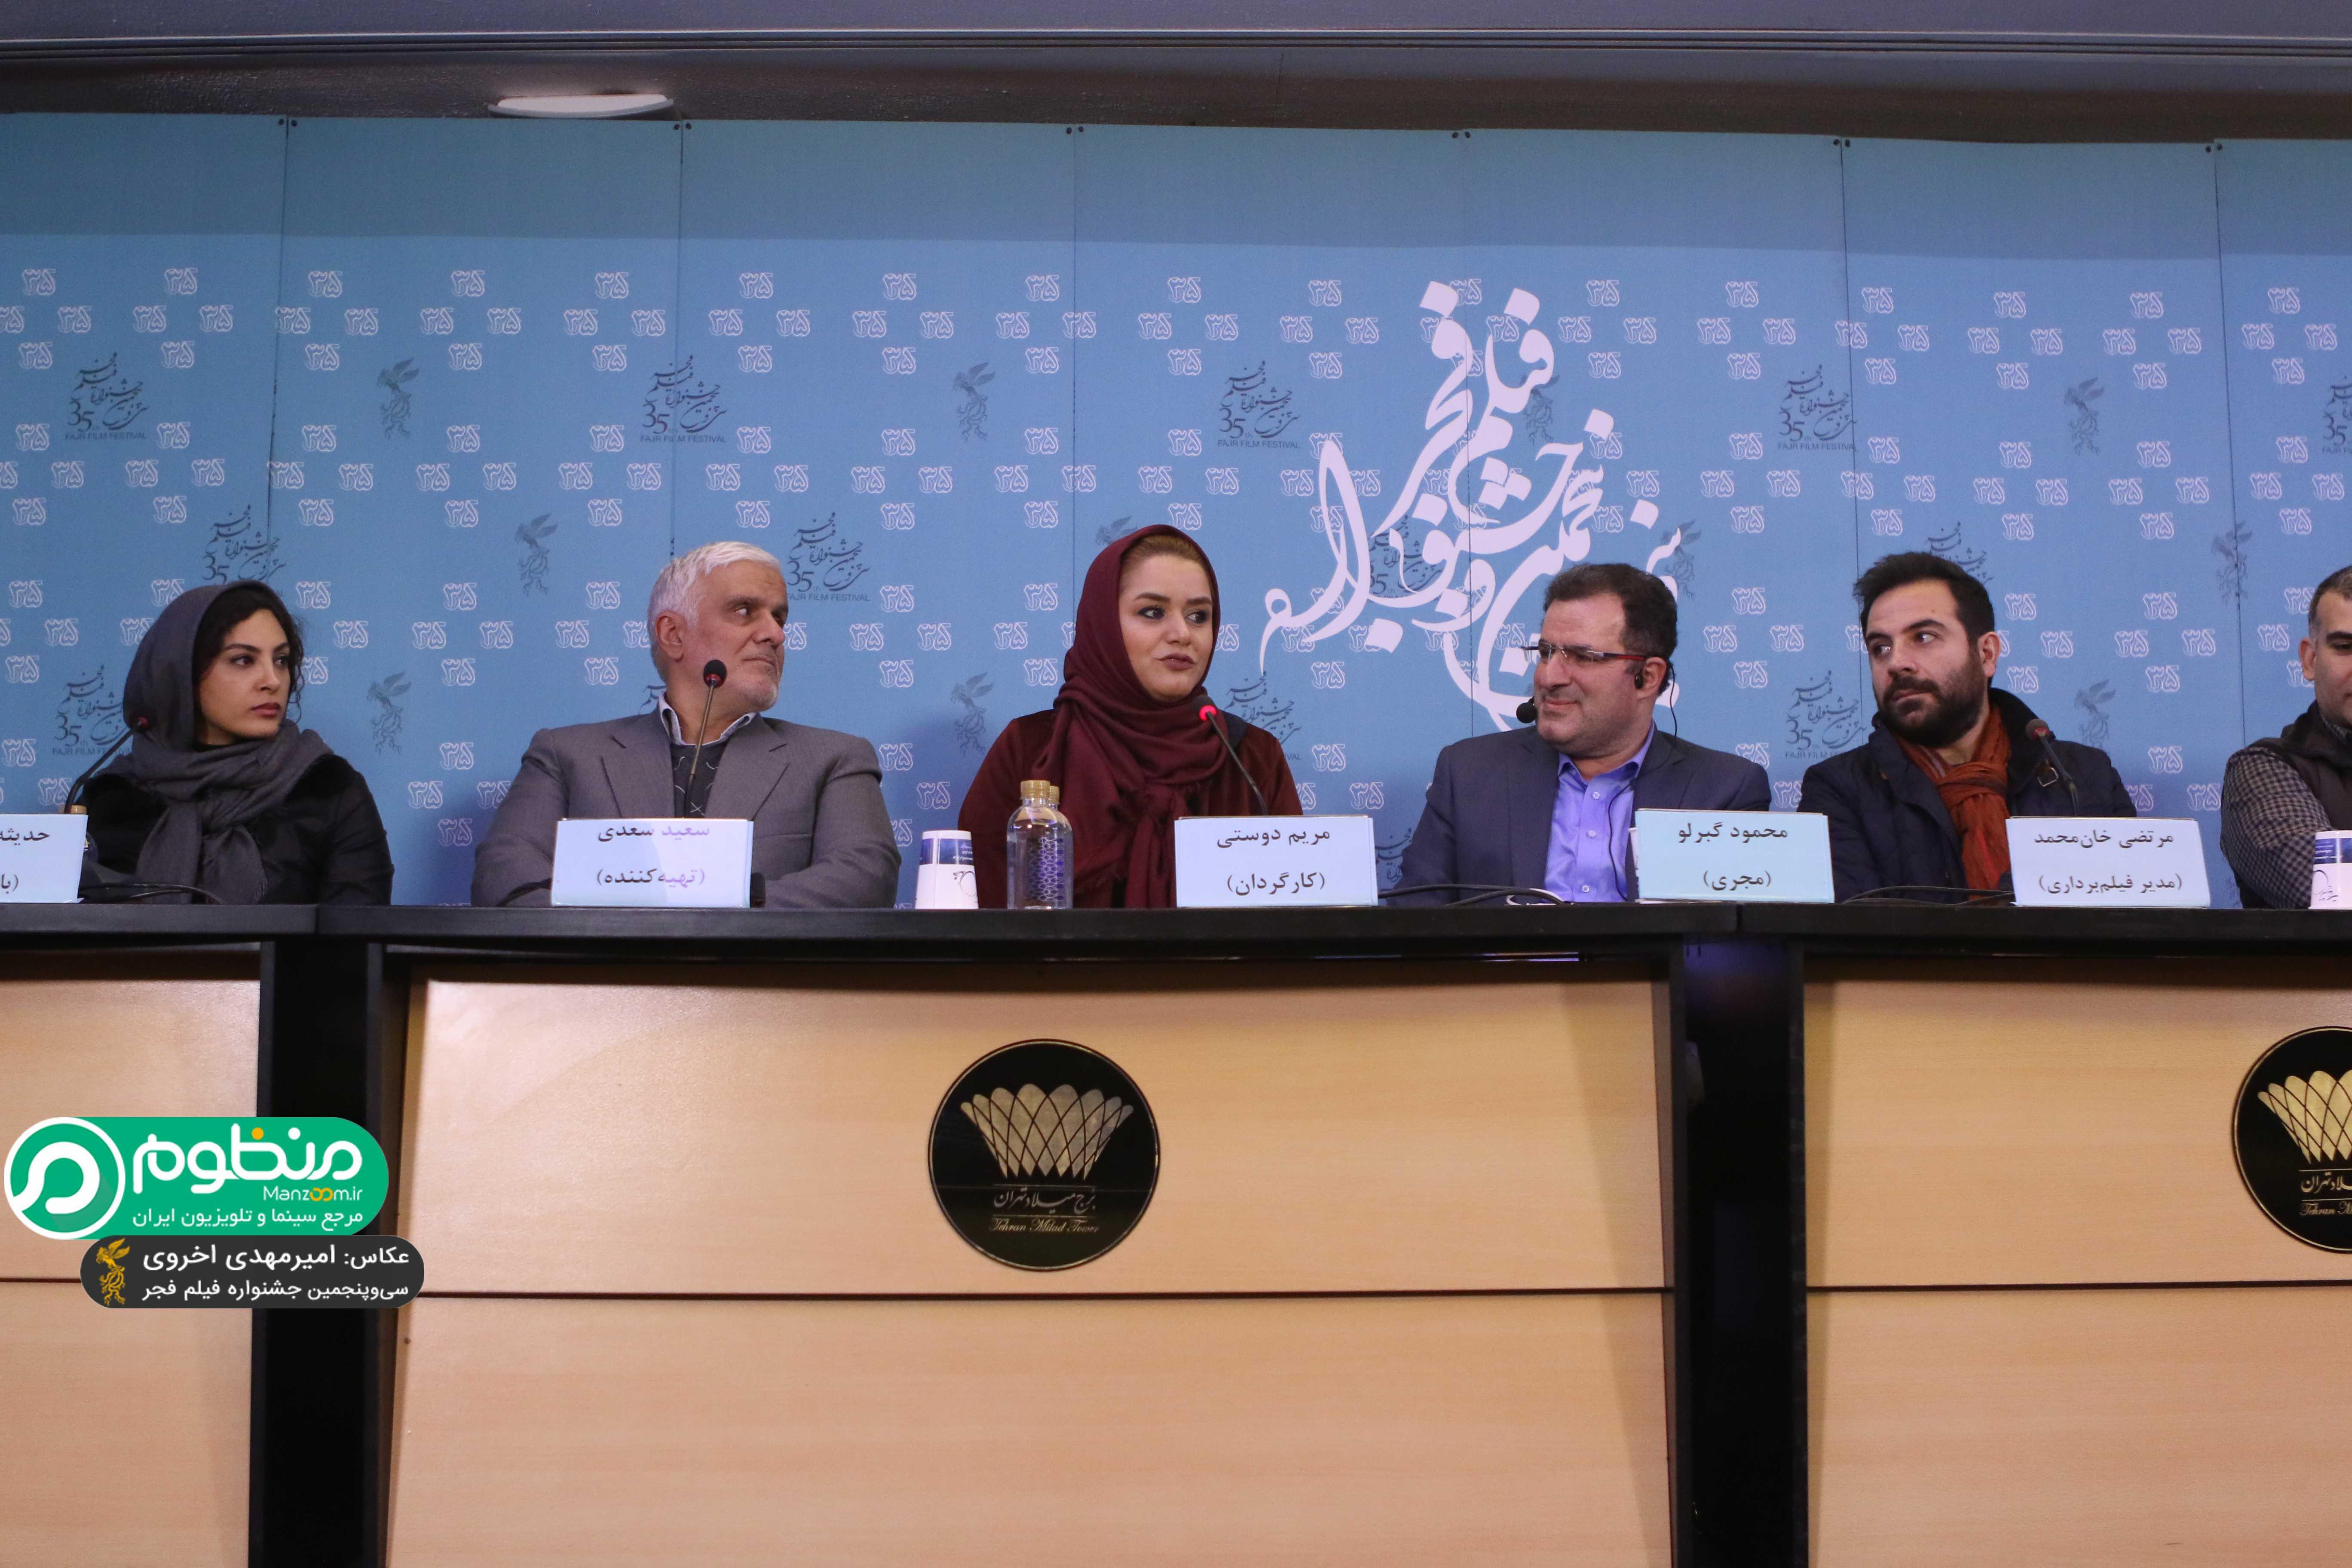 مریم دوستی در نشست خبری فیلم سینمایی دریاچه ماهی به همراه حدیثه تهرانی و سعید سعدی